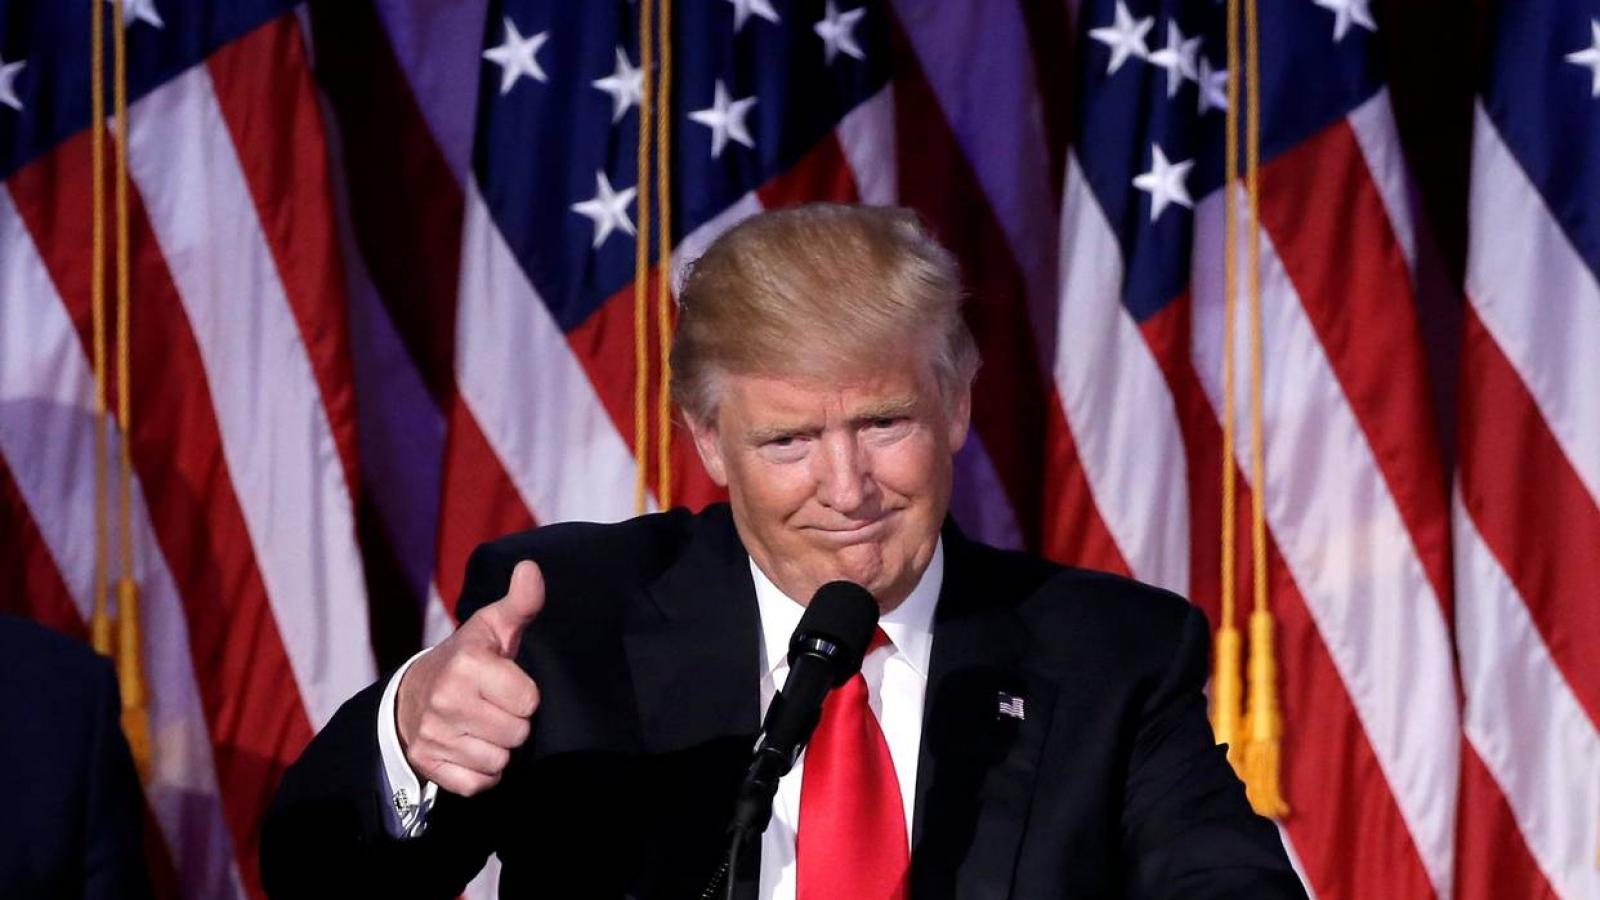 """Cựu cố vấn Nhà Trắng dự đoán ông Trump sẽ """"chiến thắng long trời lở đất"""" vào năm 2024"""